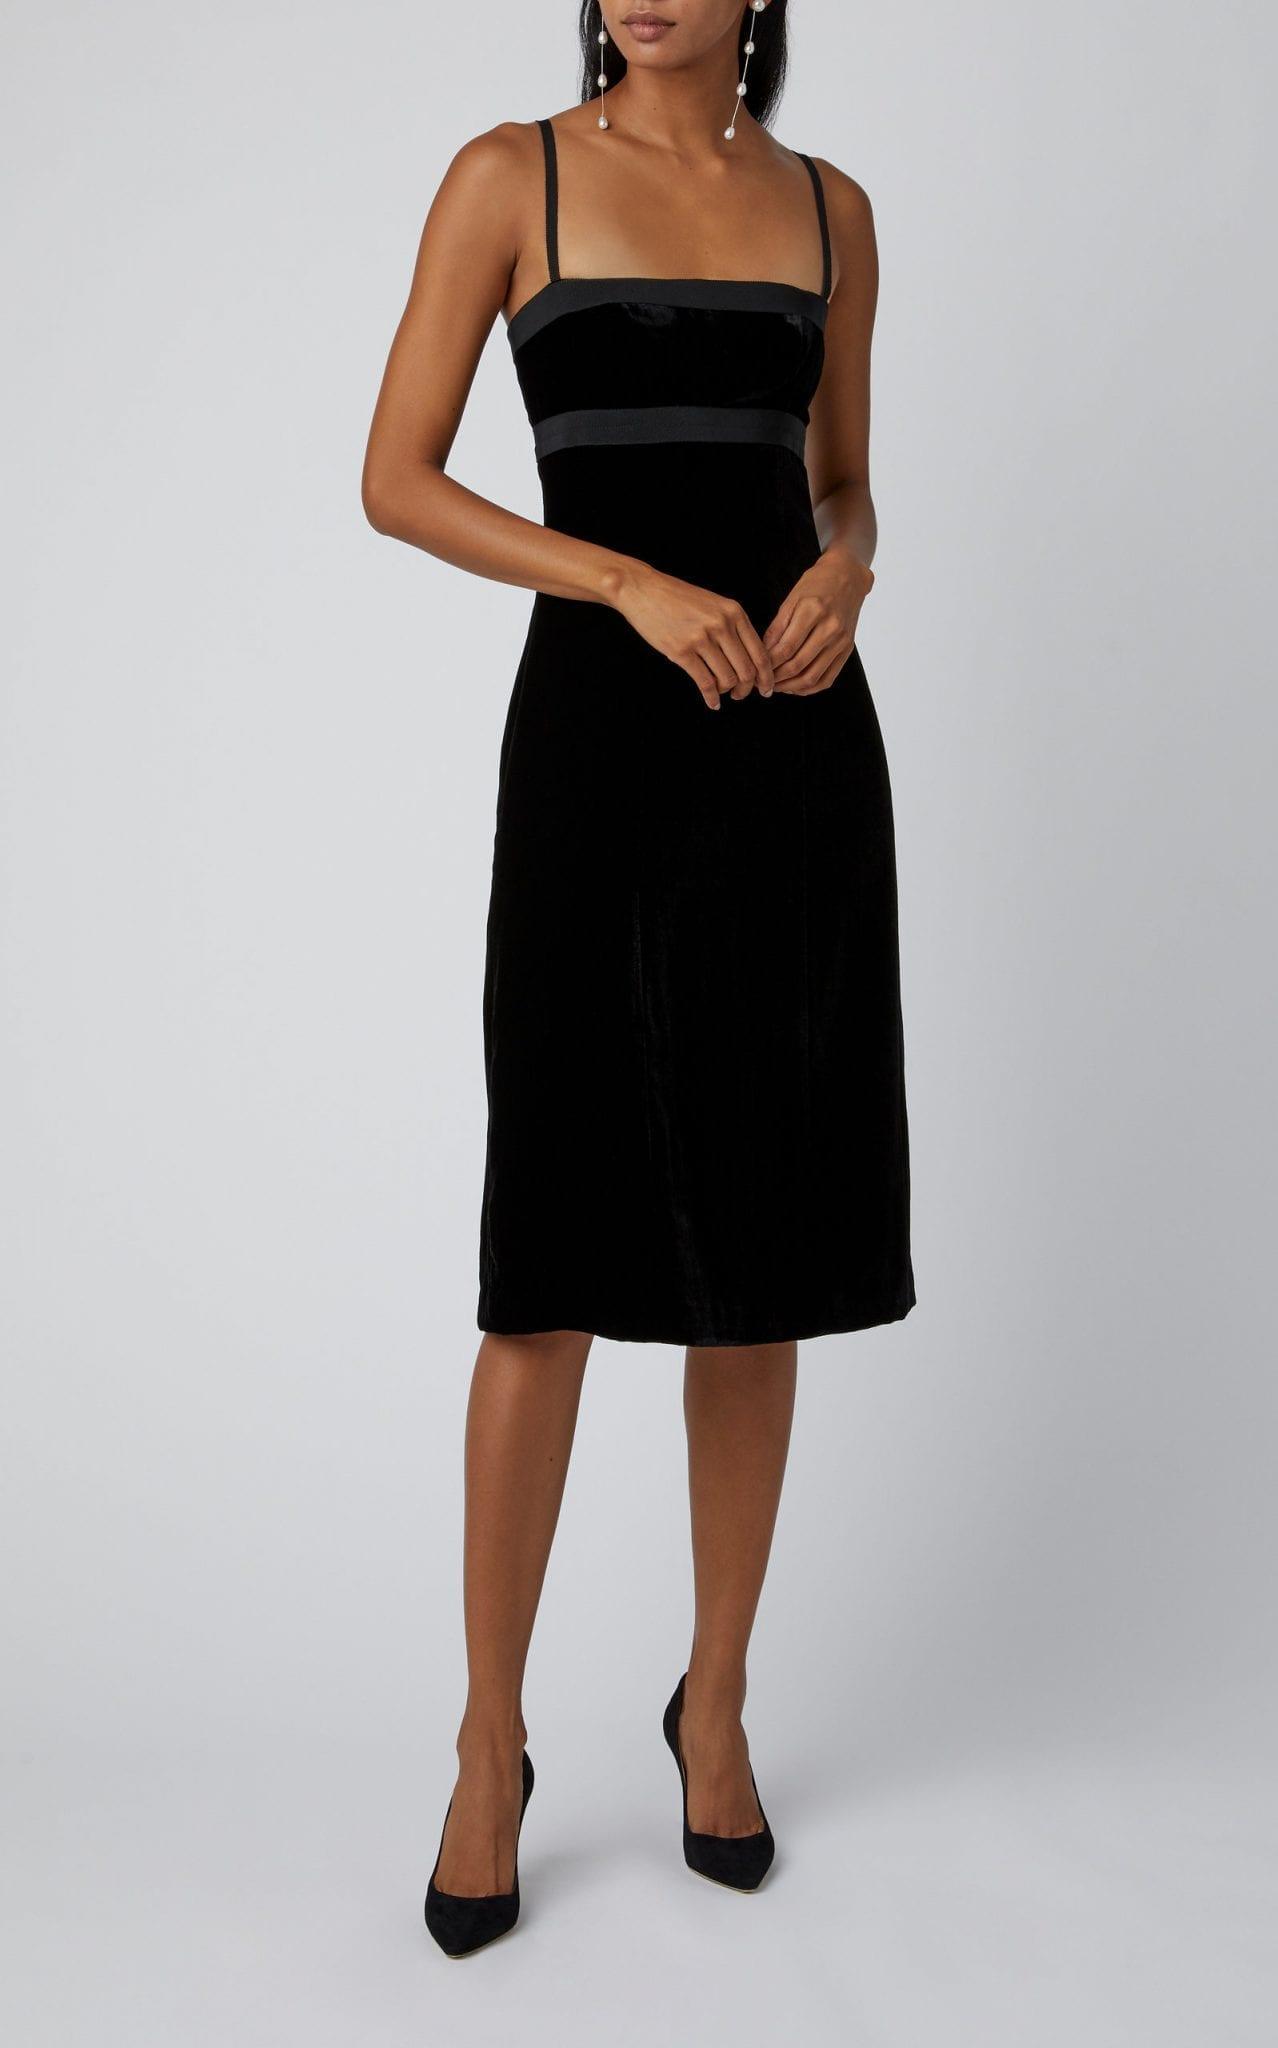 BROCK COLLECTION Grosgrain-Trimmed Velvet Midi Dress